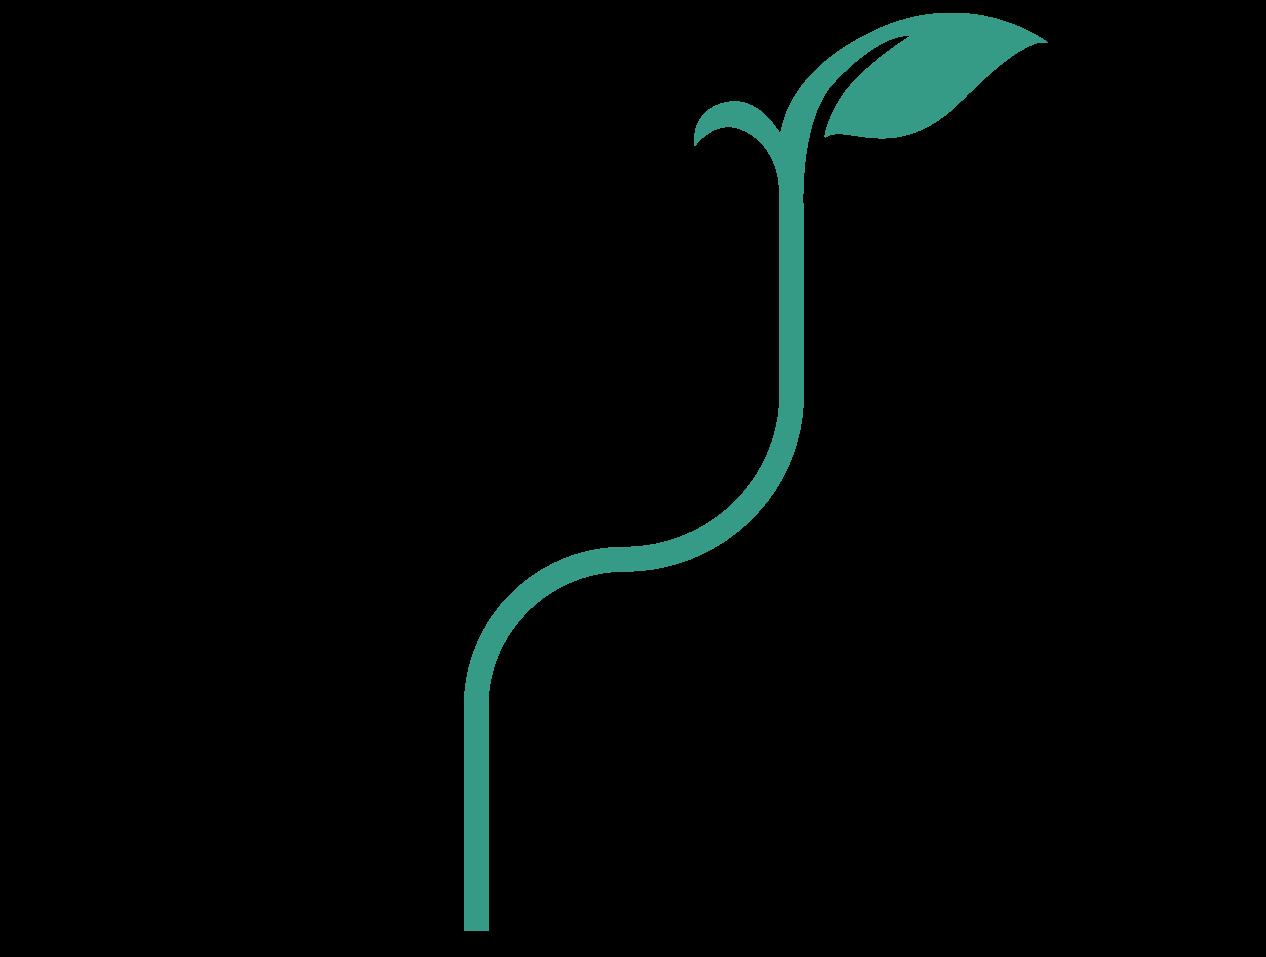 موسسه راهبردی سپهر افرا (رسا)